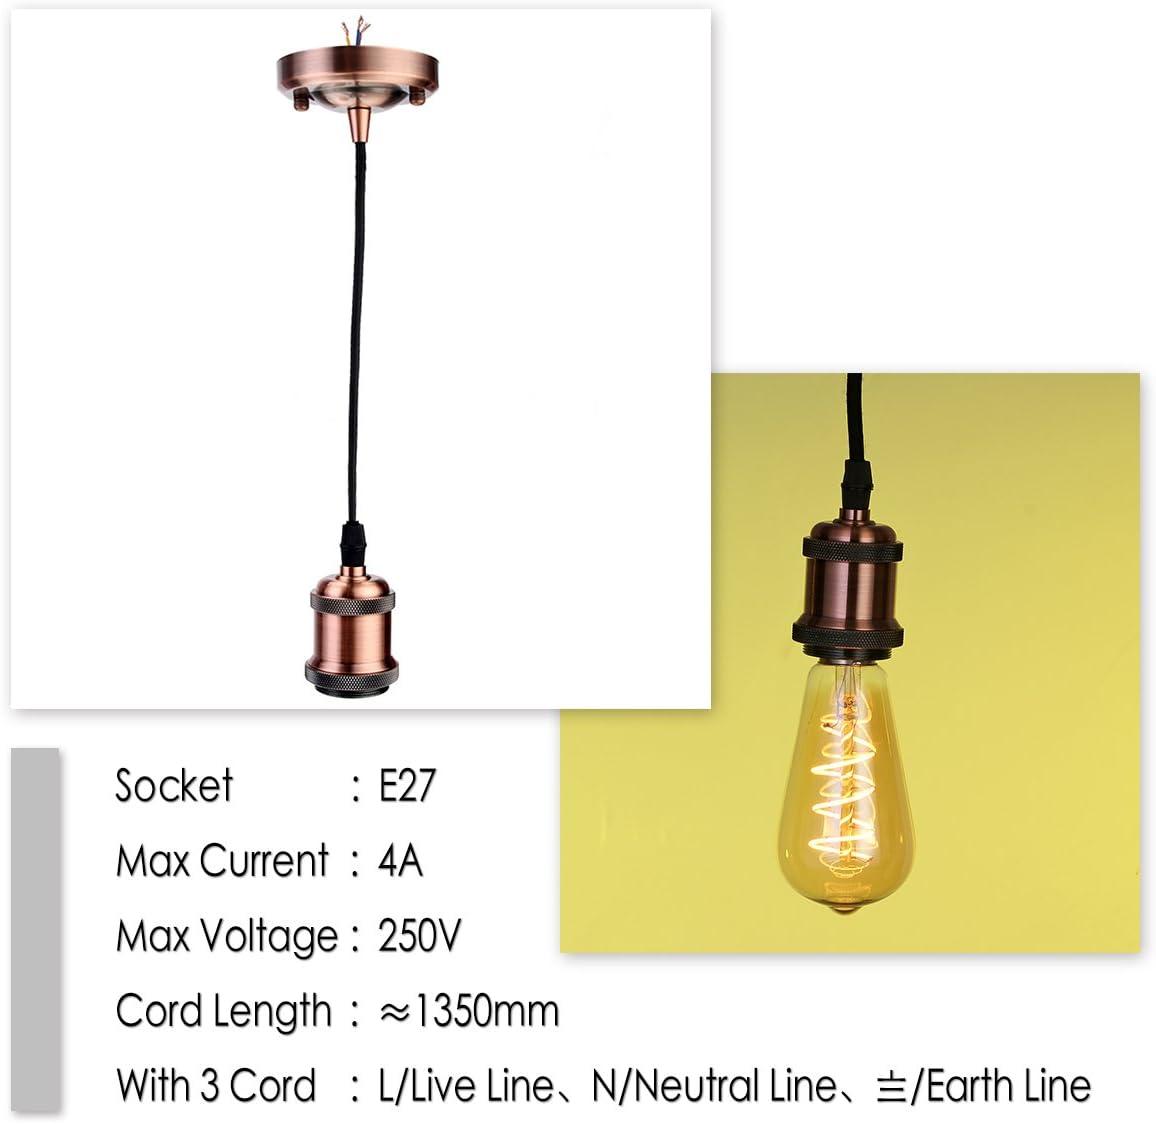 GreenSun LED Lighting Douille Edison E27 Adaptateur De Lampe Lustre Style R/étro Vintage Antique En Cuivre Sans Fil Pour Lampoule LED C/éramique /à Lint/érieur Laiton Antique